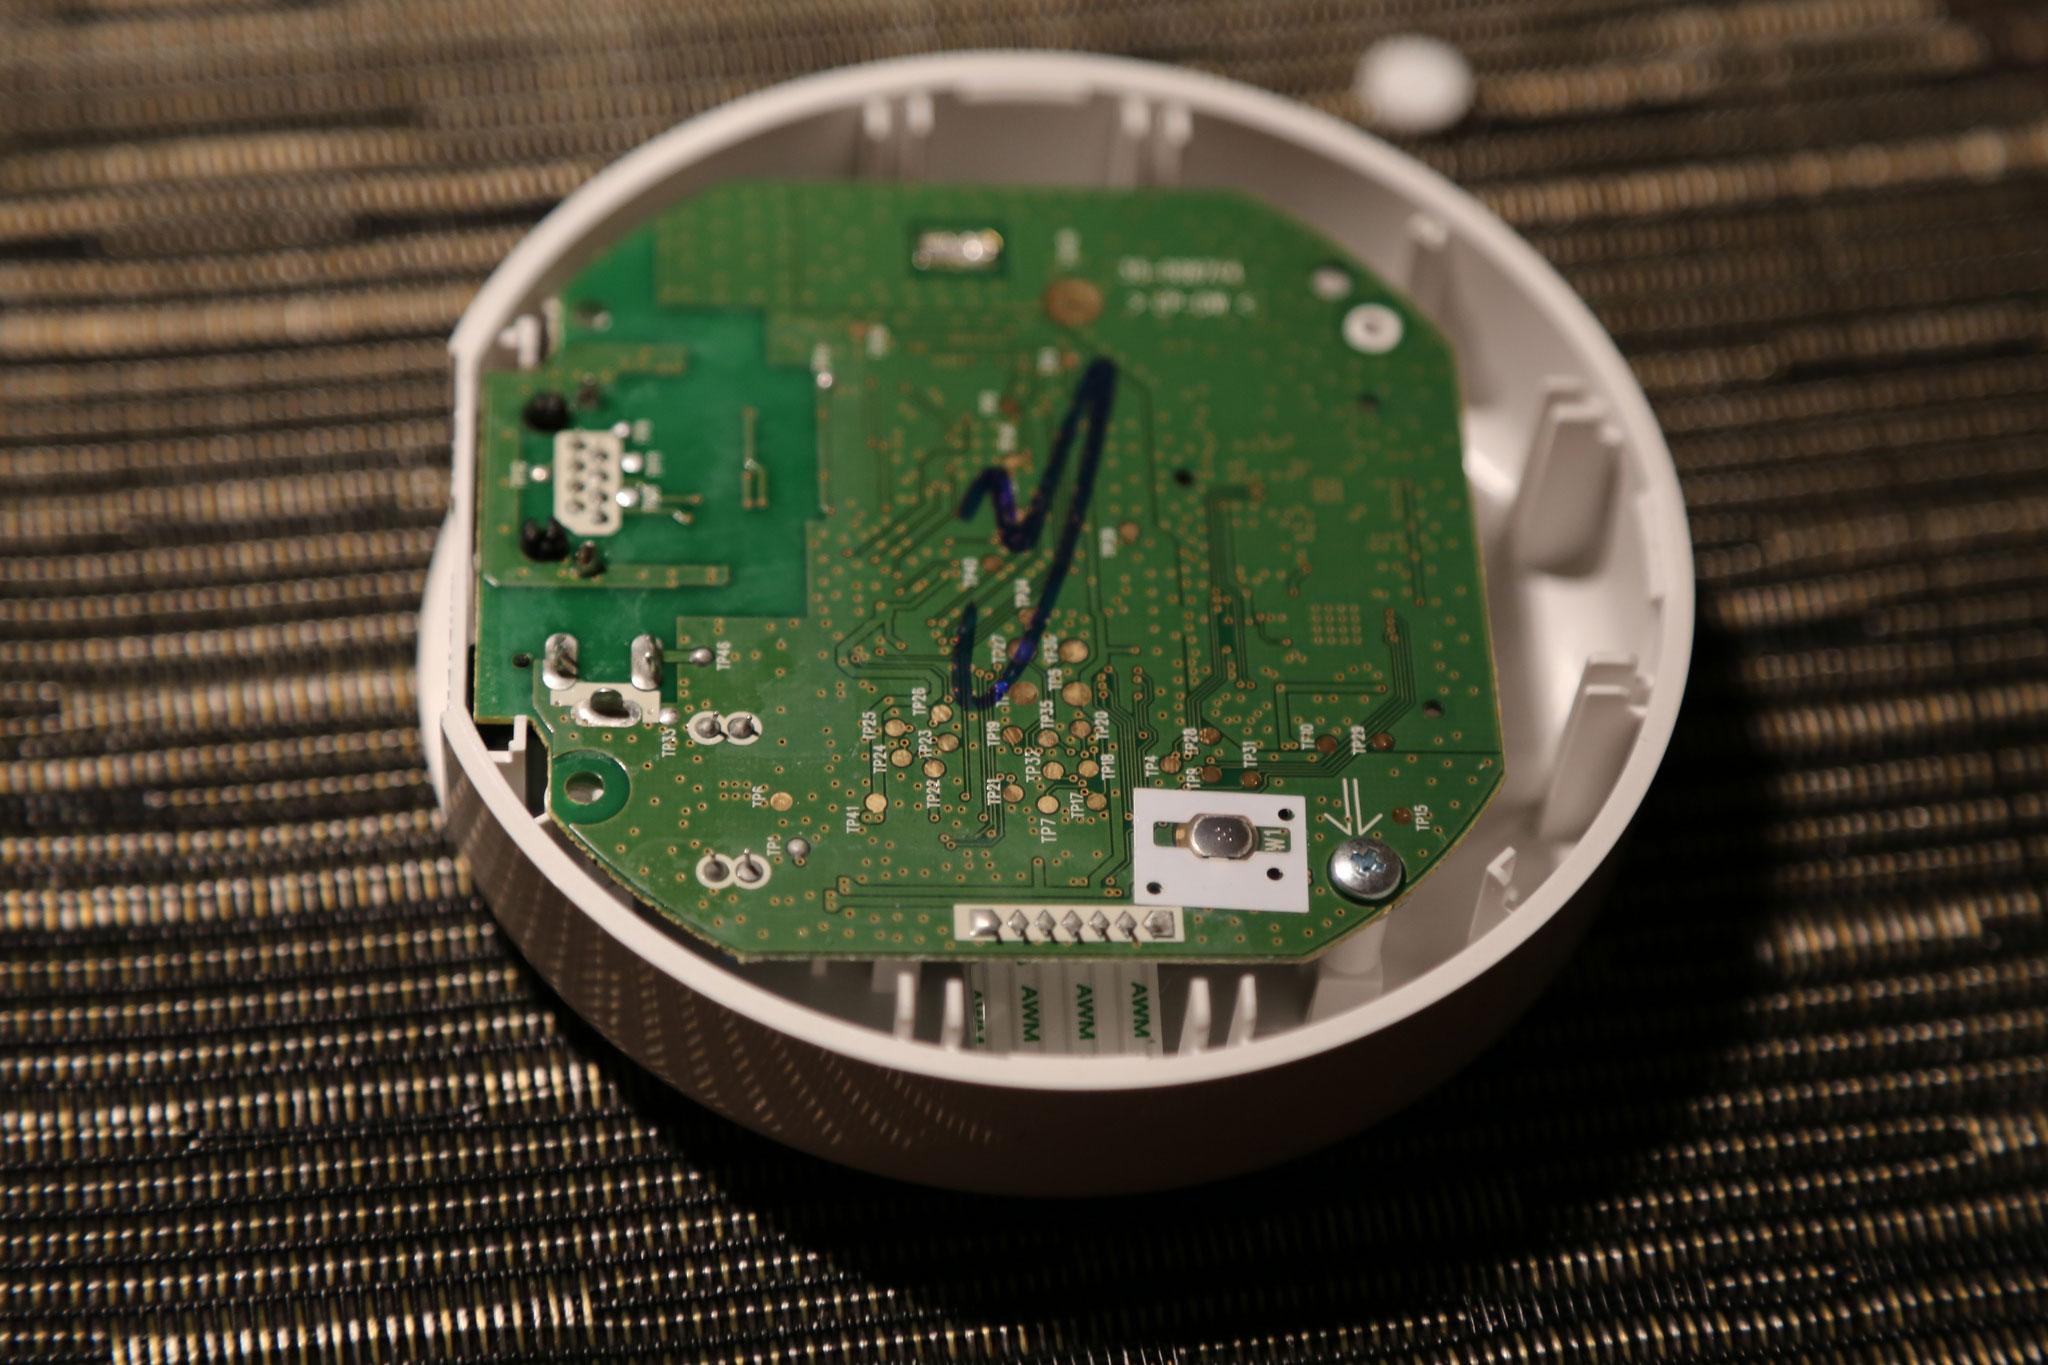 13-Hue-Internals Spannende Philips Hue Wireless Bridge Dekorationen